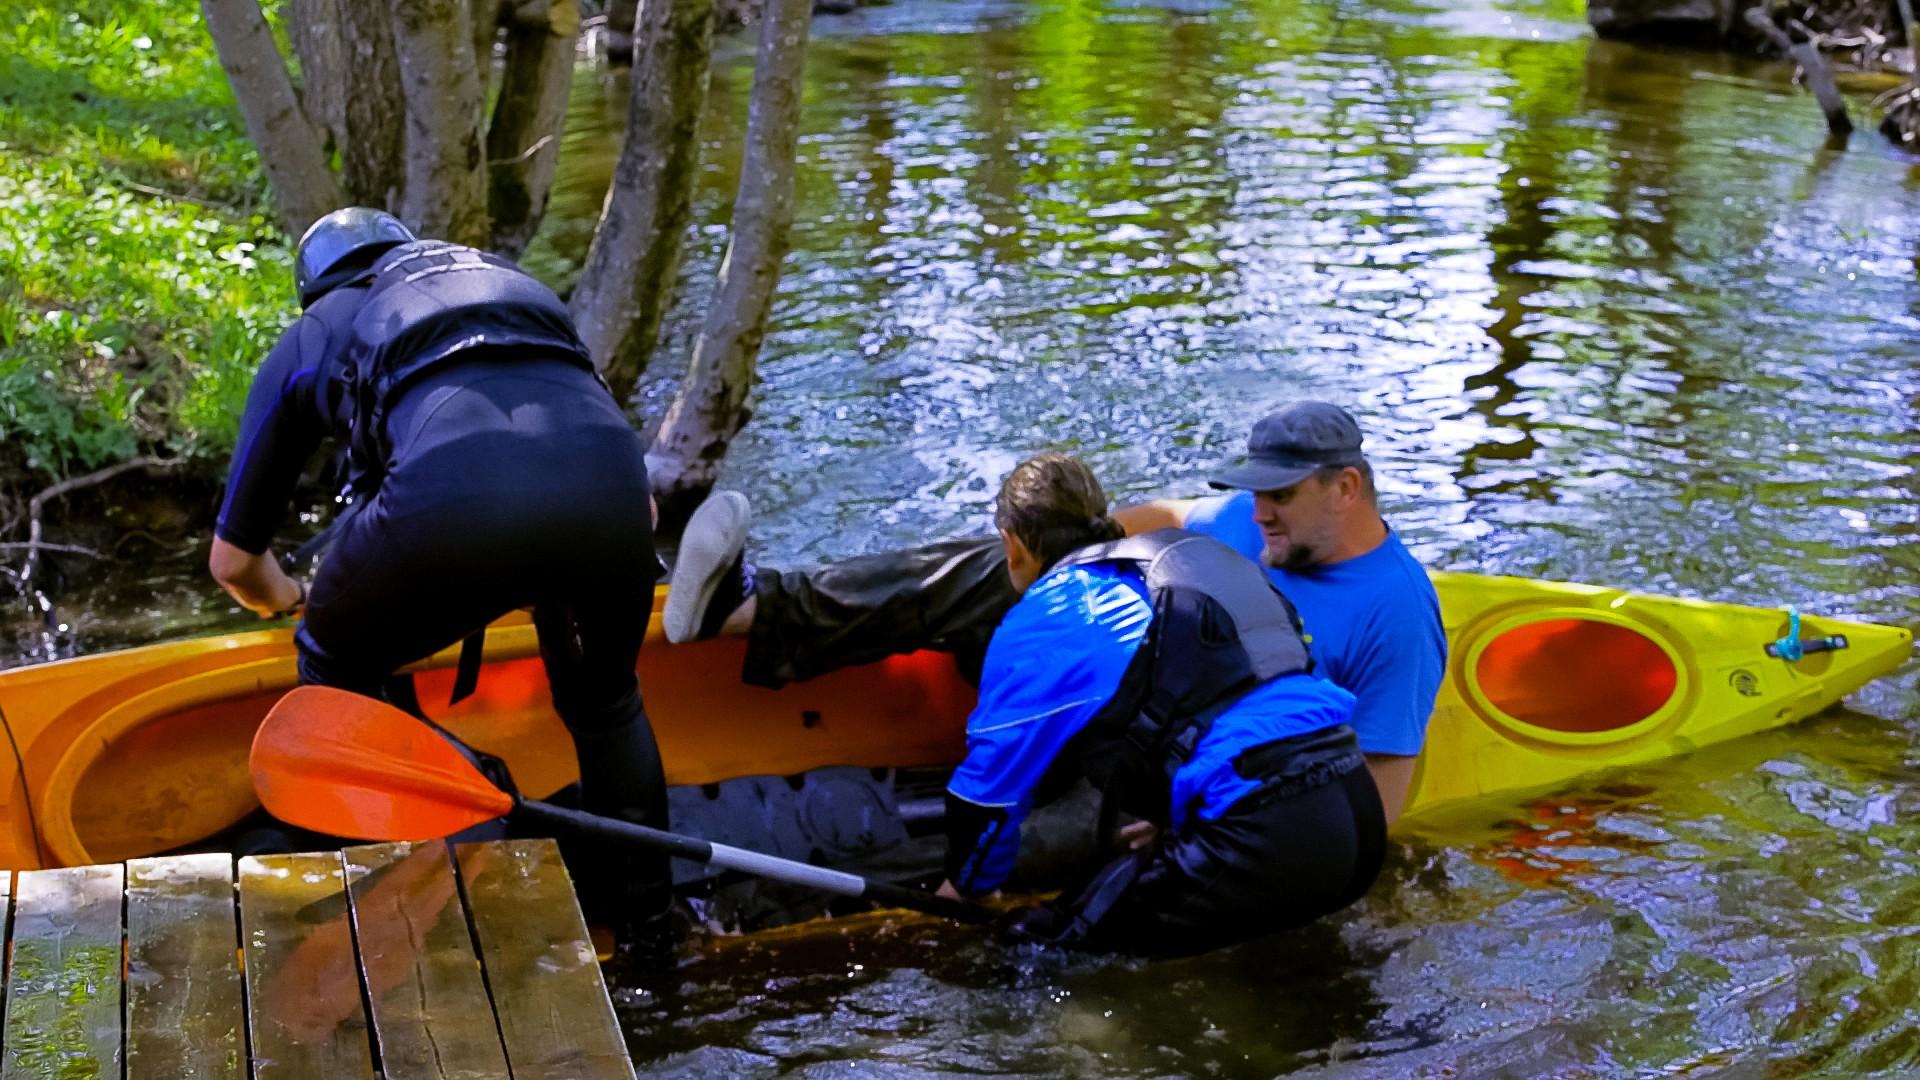 Spływ kajakowy Hydroaktywni 2018. Spłynęliśmy z klimatem  [FOTORELACJA, FILM] 26